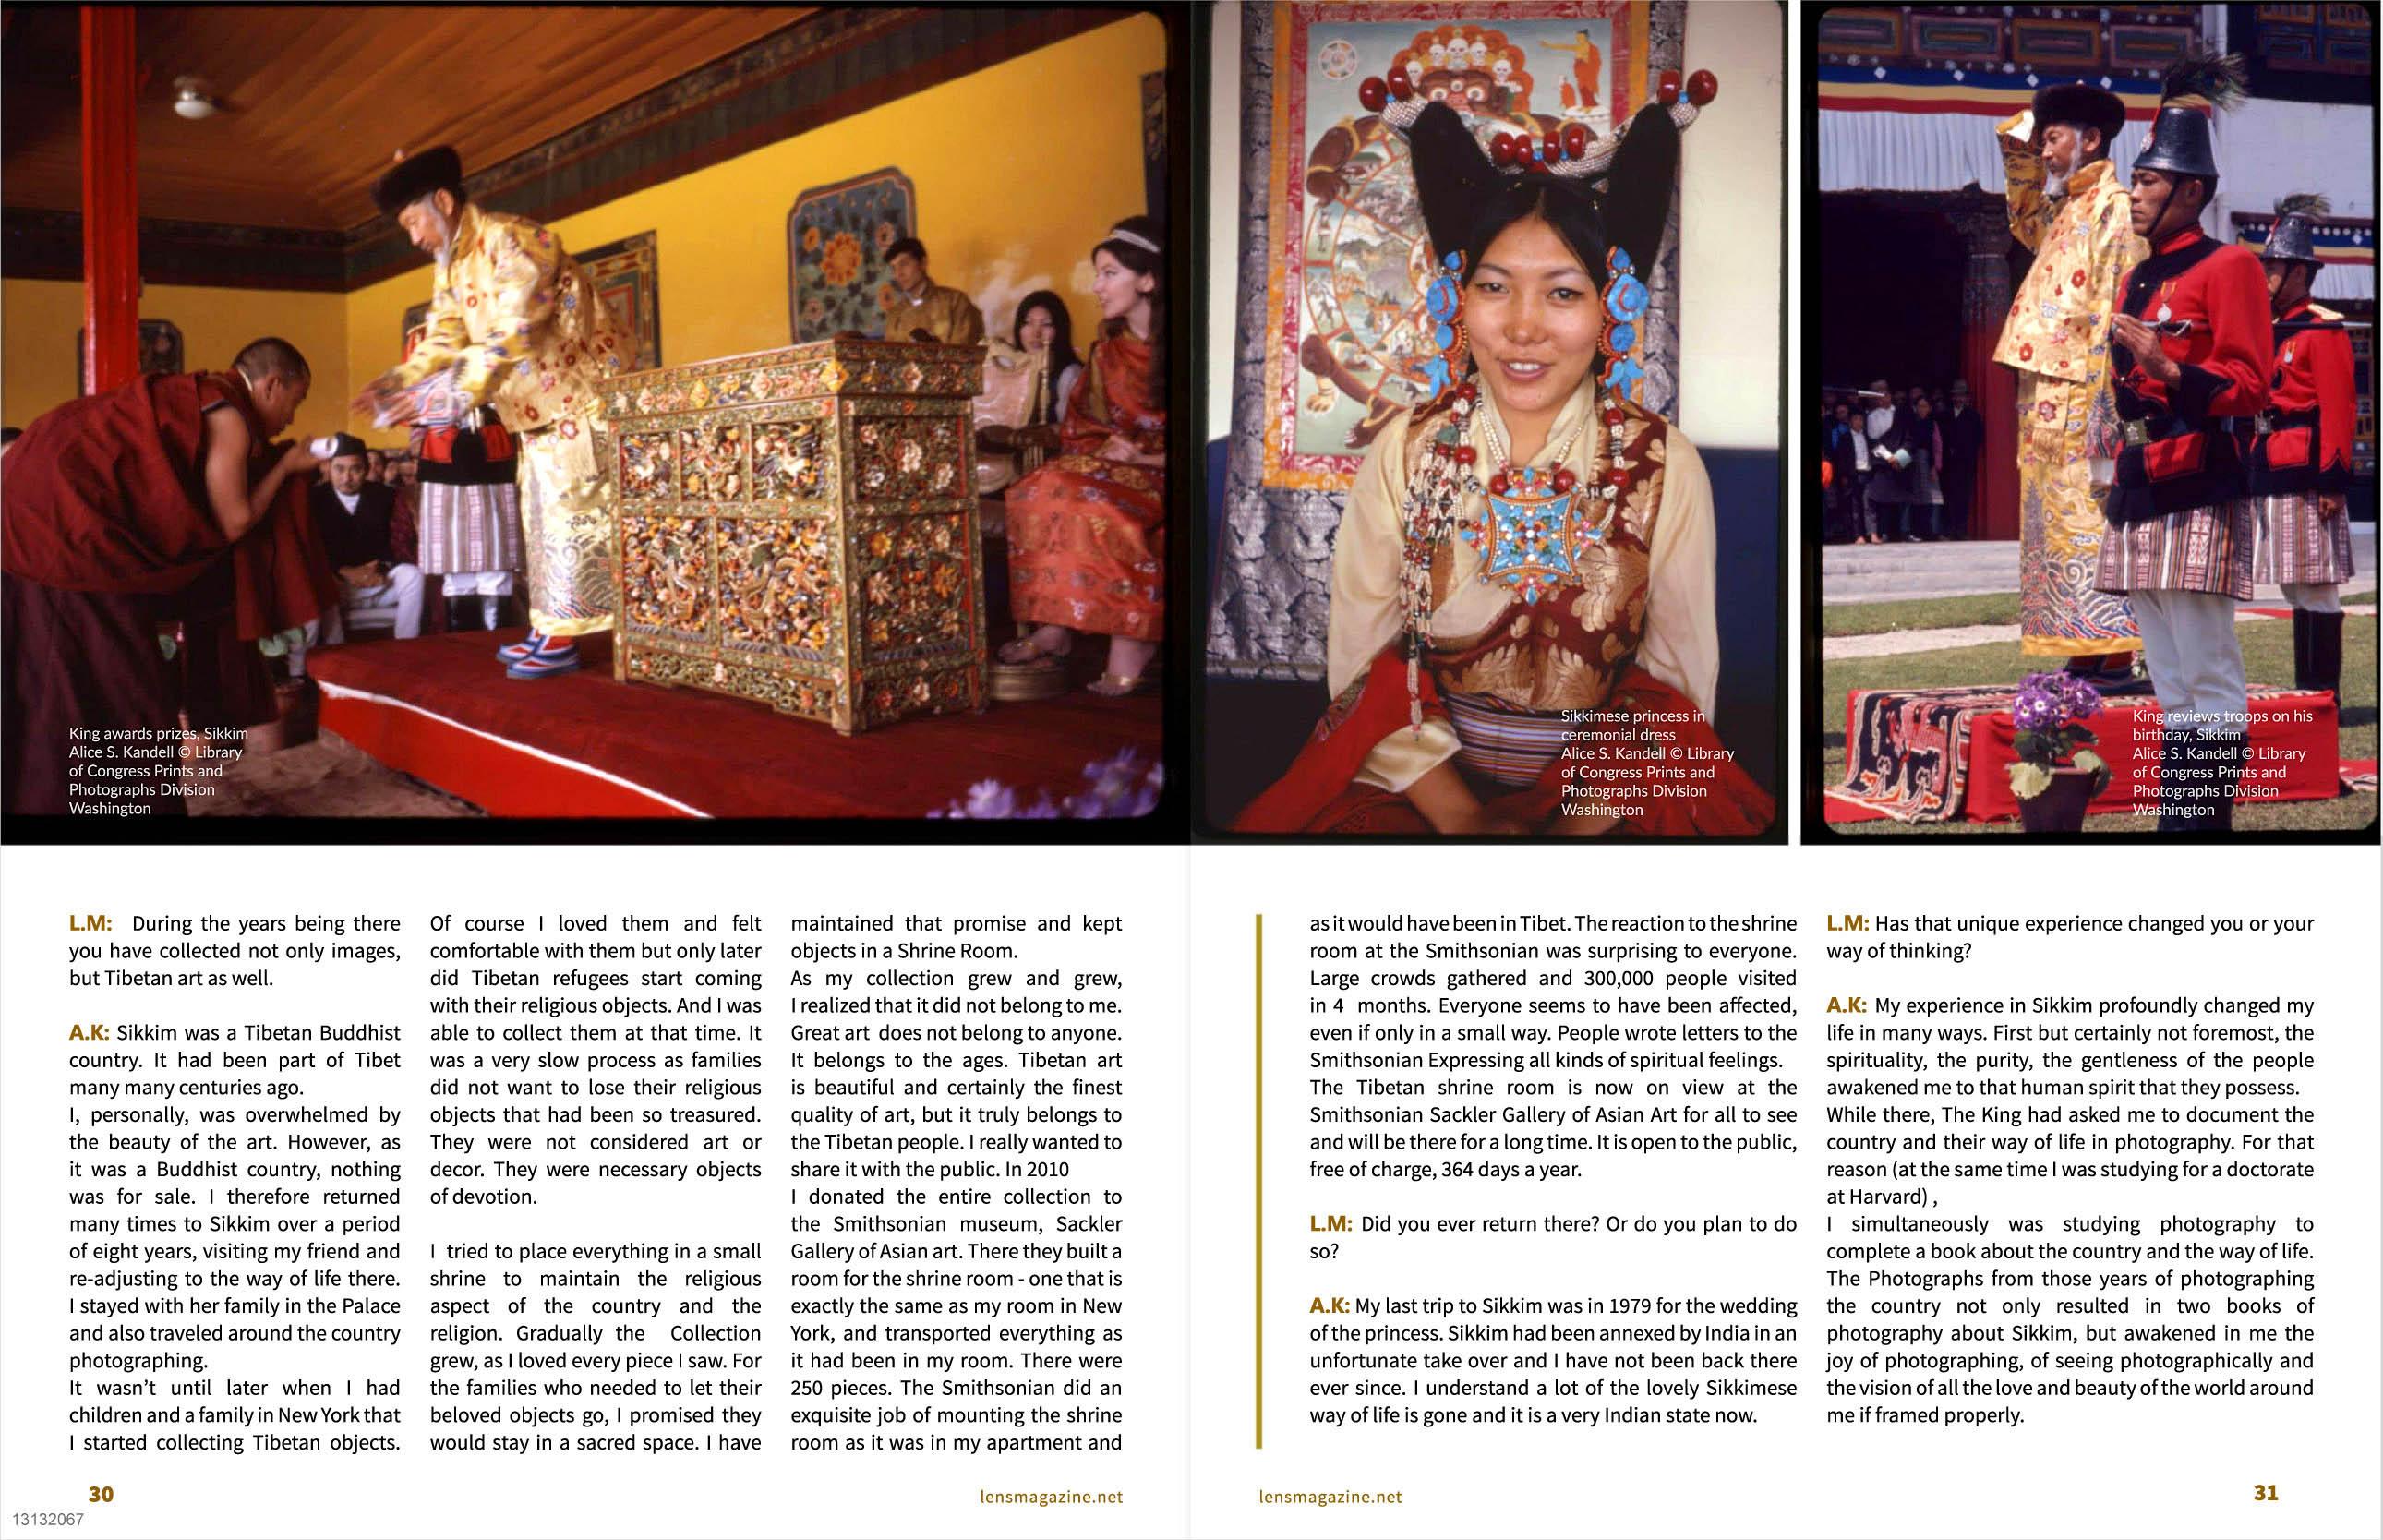 Lens Magazine 2019-05 Tibet 09.jpg